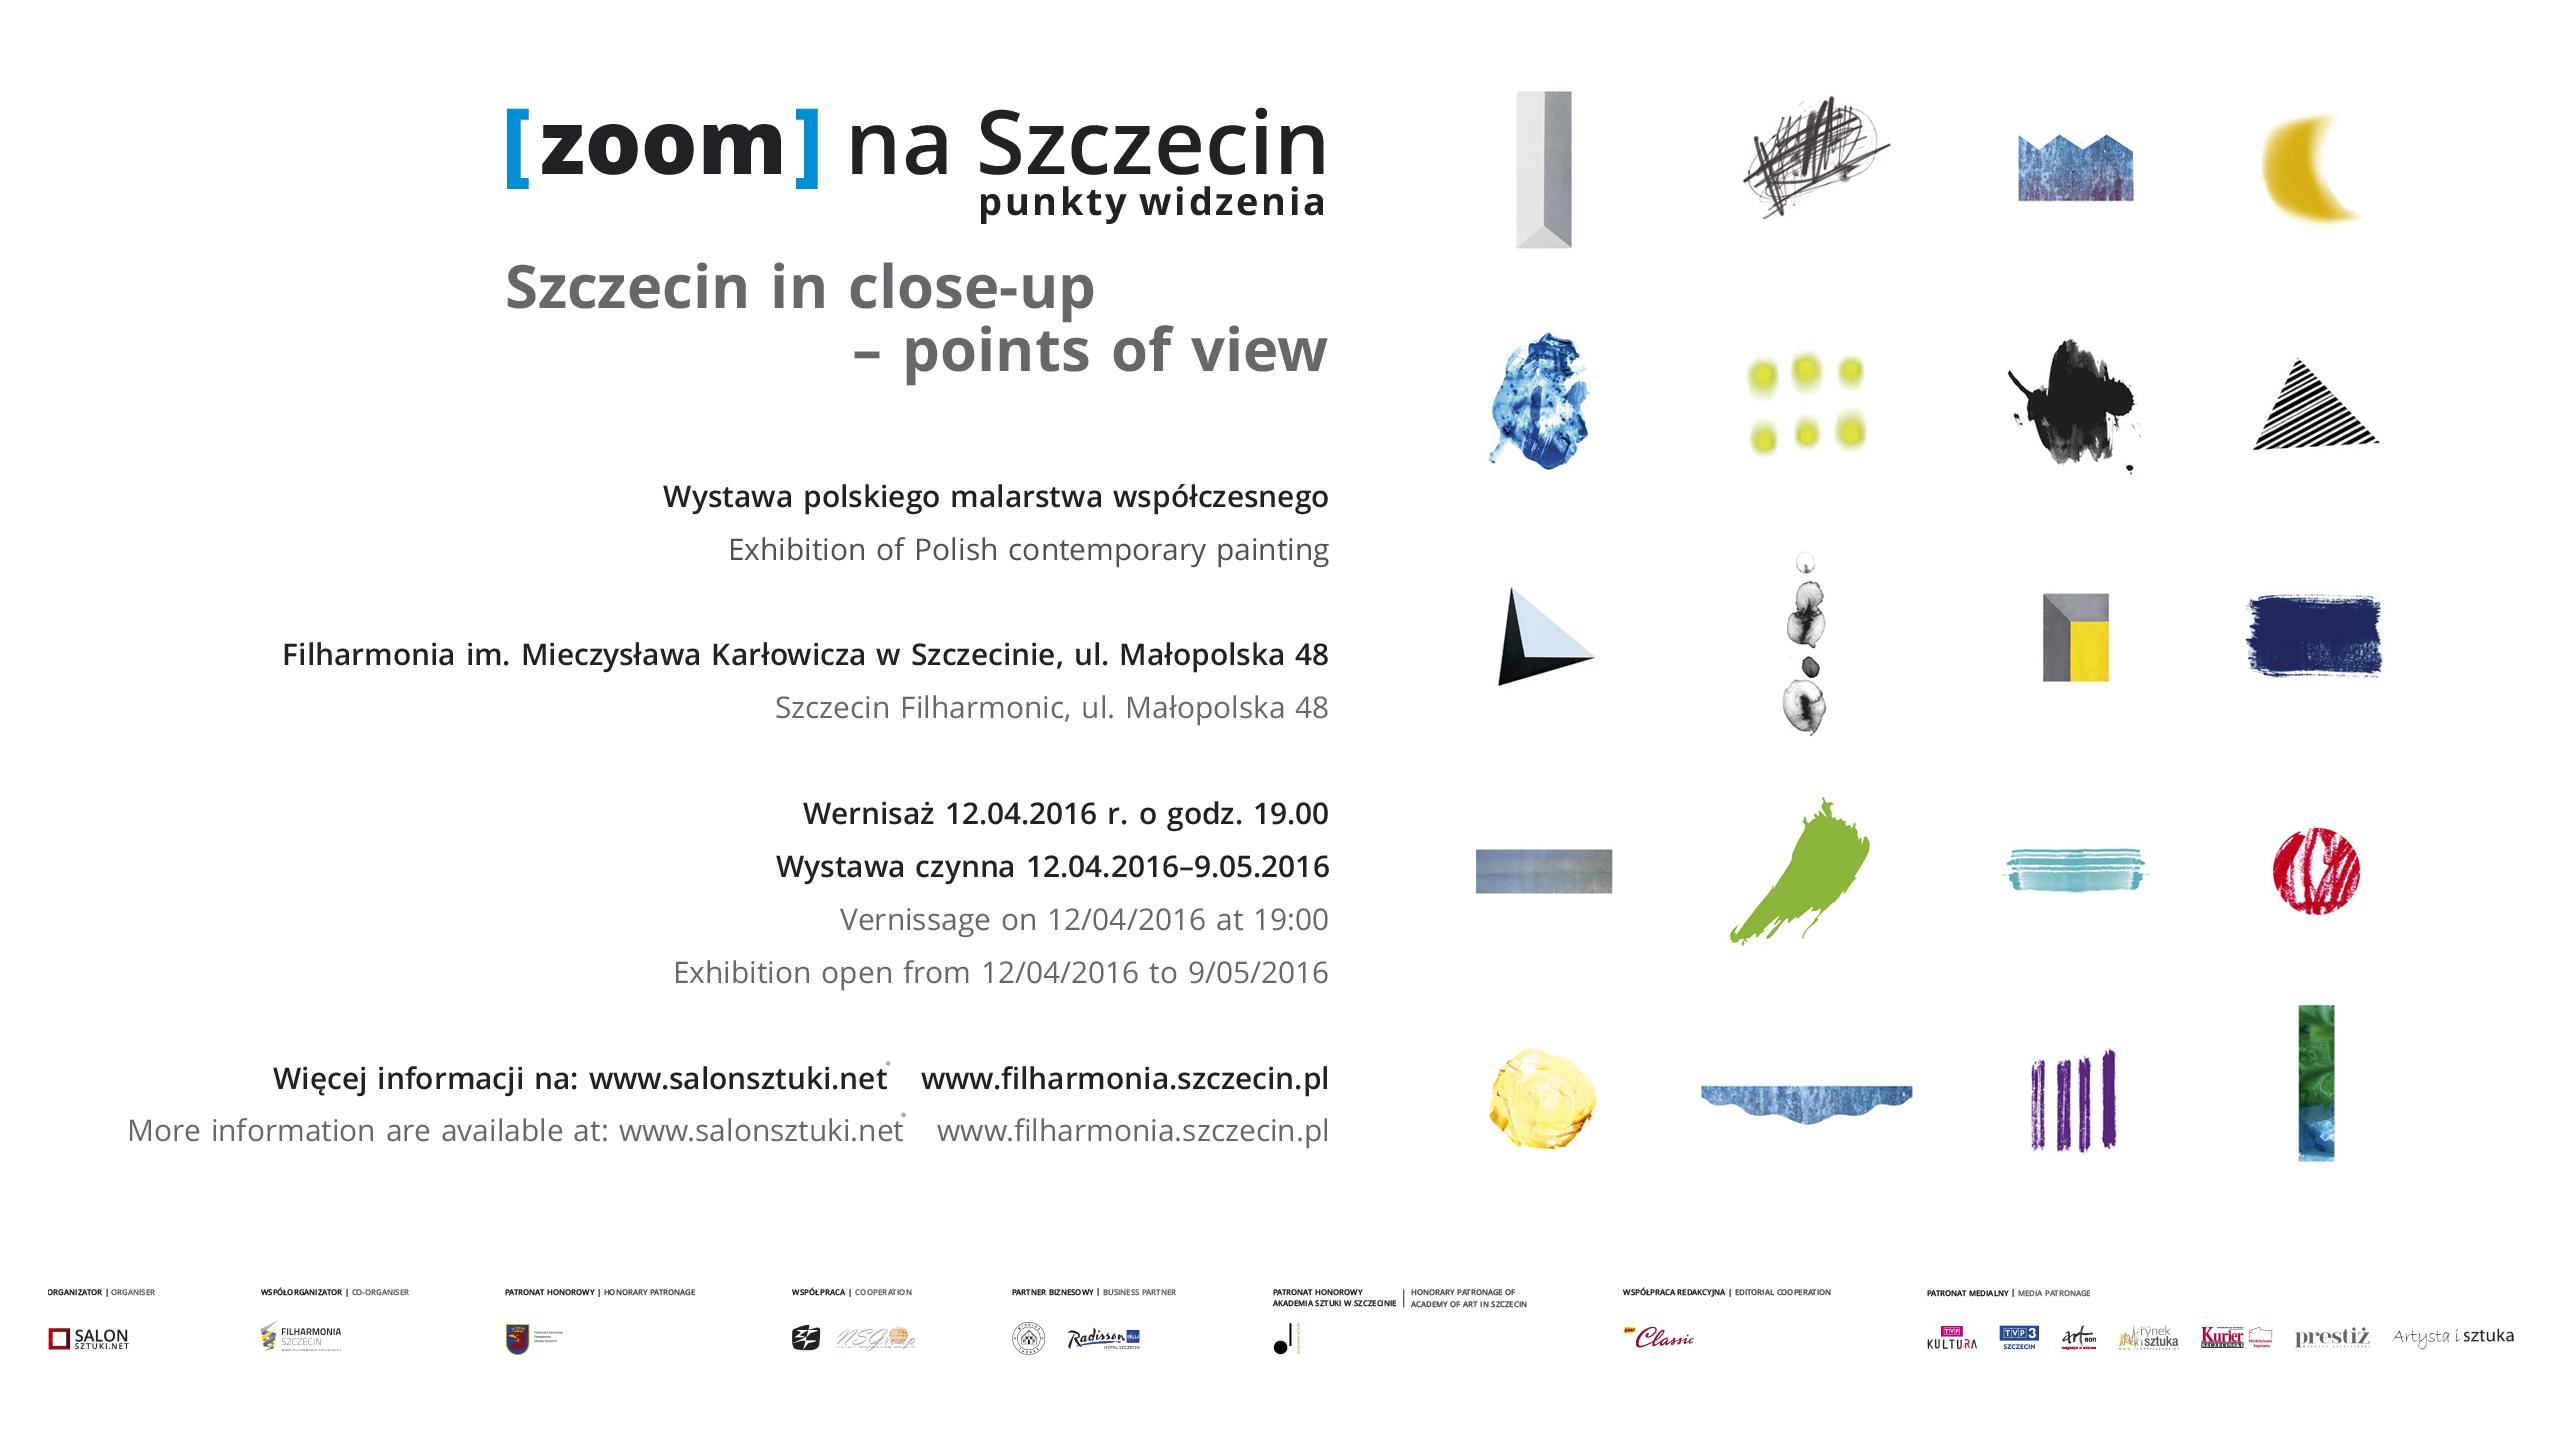 Zoom na Szczecin Punkty widzenia